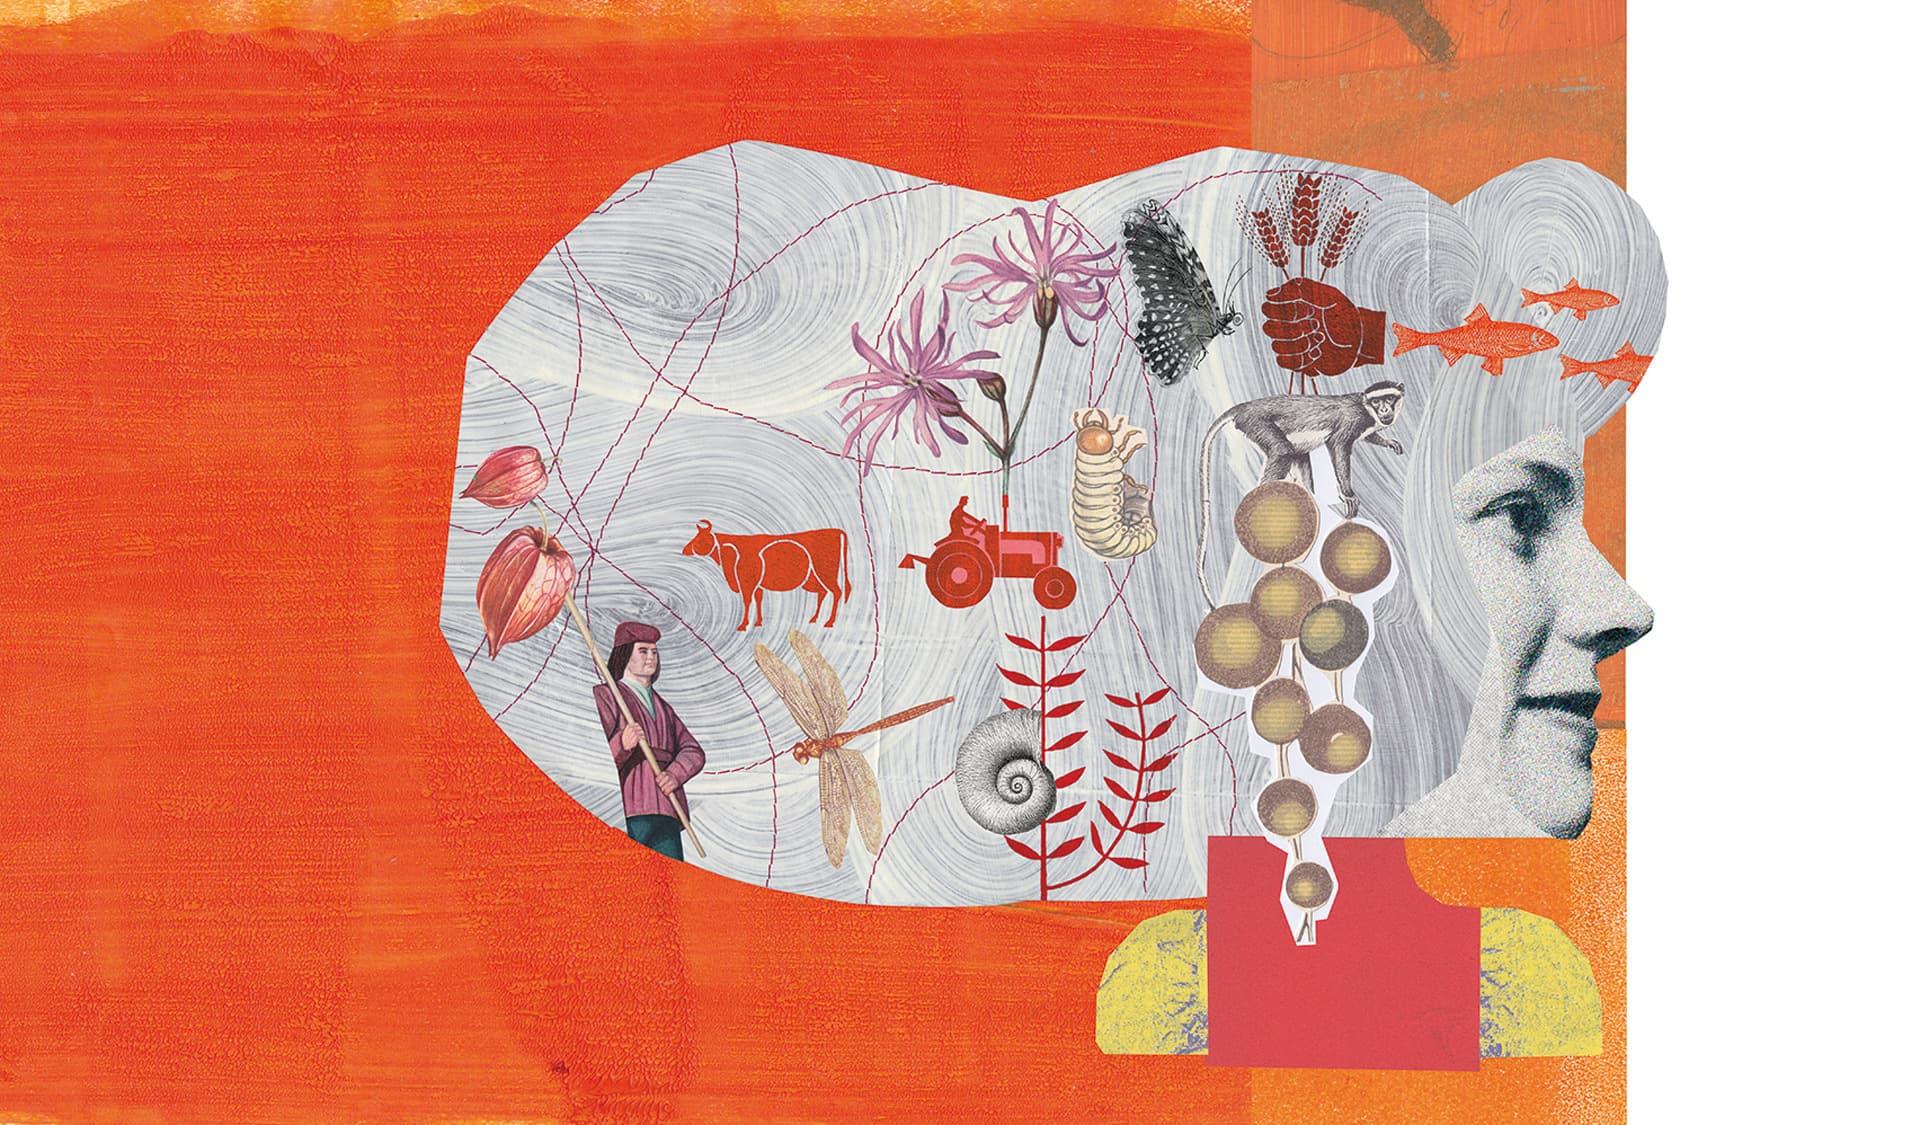 Illustrierter Kopf von der Seite, darin Artenvielfalt in Form von verschiedenen Tieren und ein Trecker.